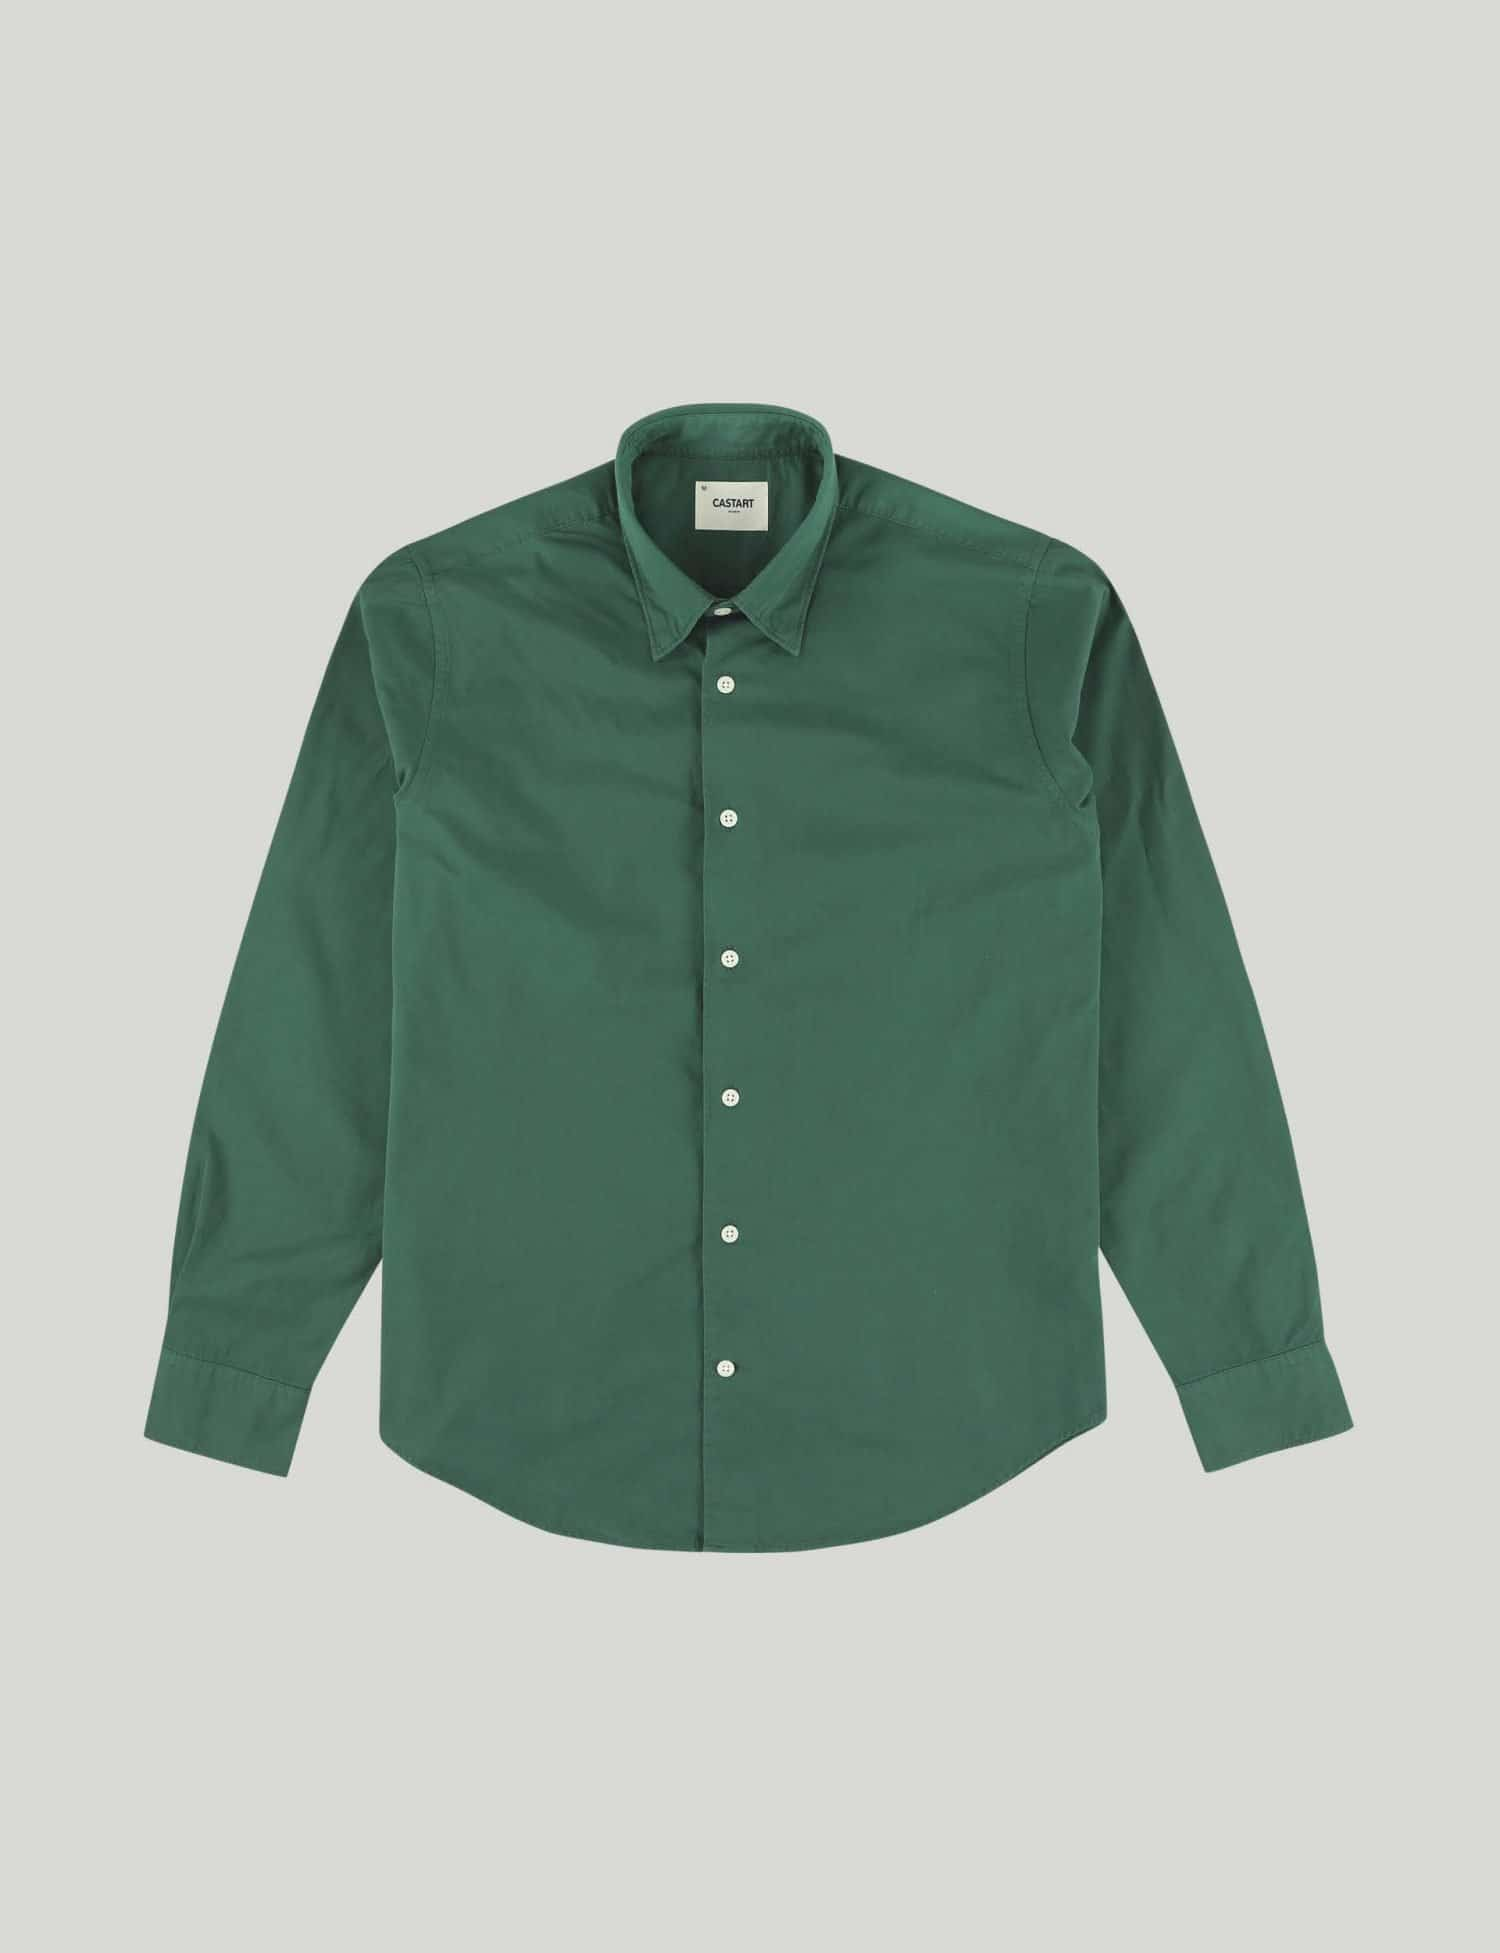 Castart - Lion's Mane Shirt - Green